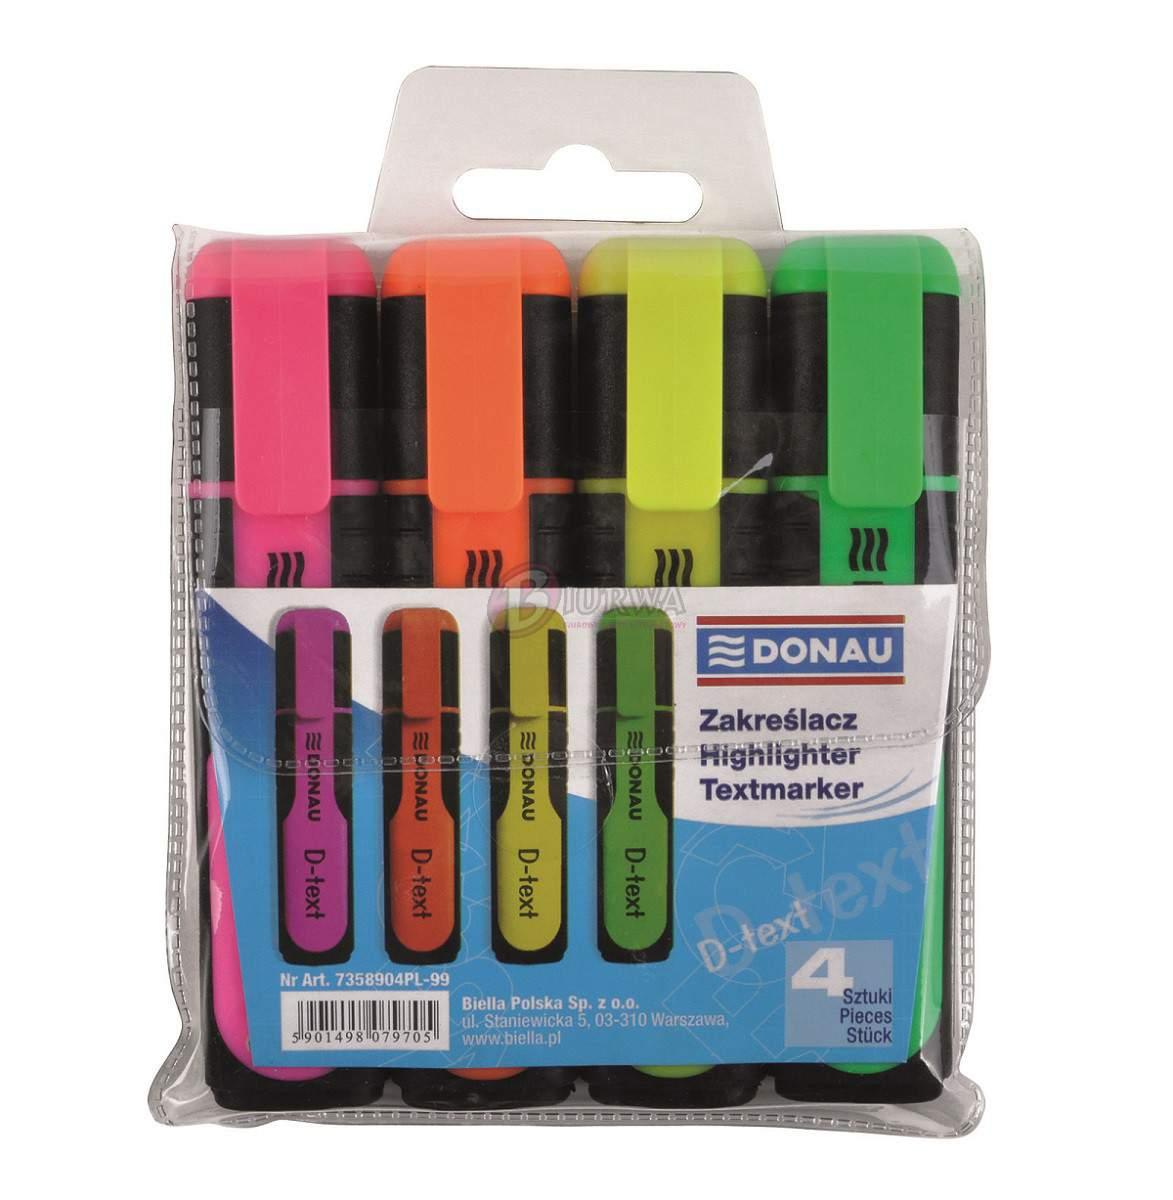 Notatki do szkoły – niezbędne akcesoria, czyli kolorowe zakreślacze